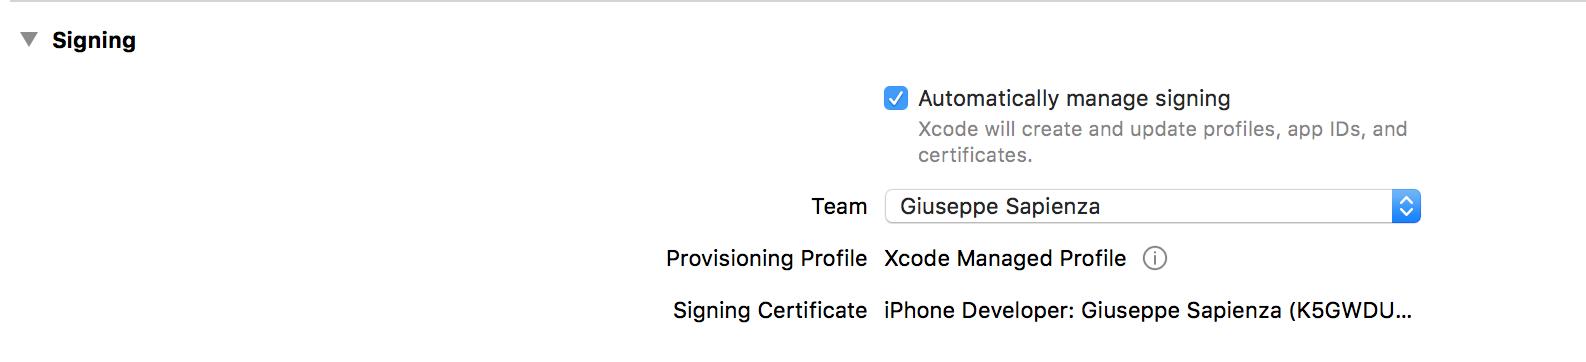 creazione-automatica-certificati-xcode-8